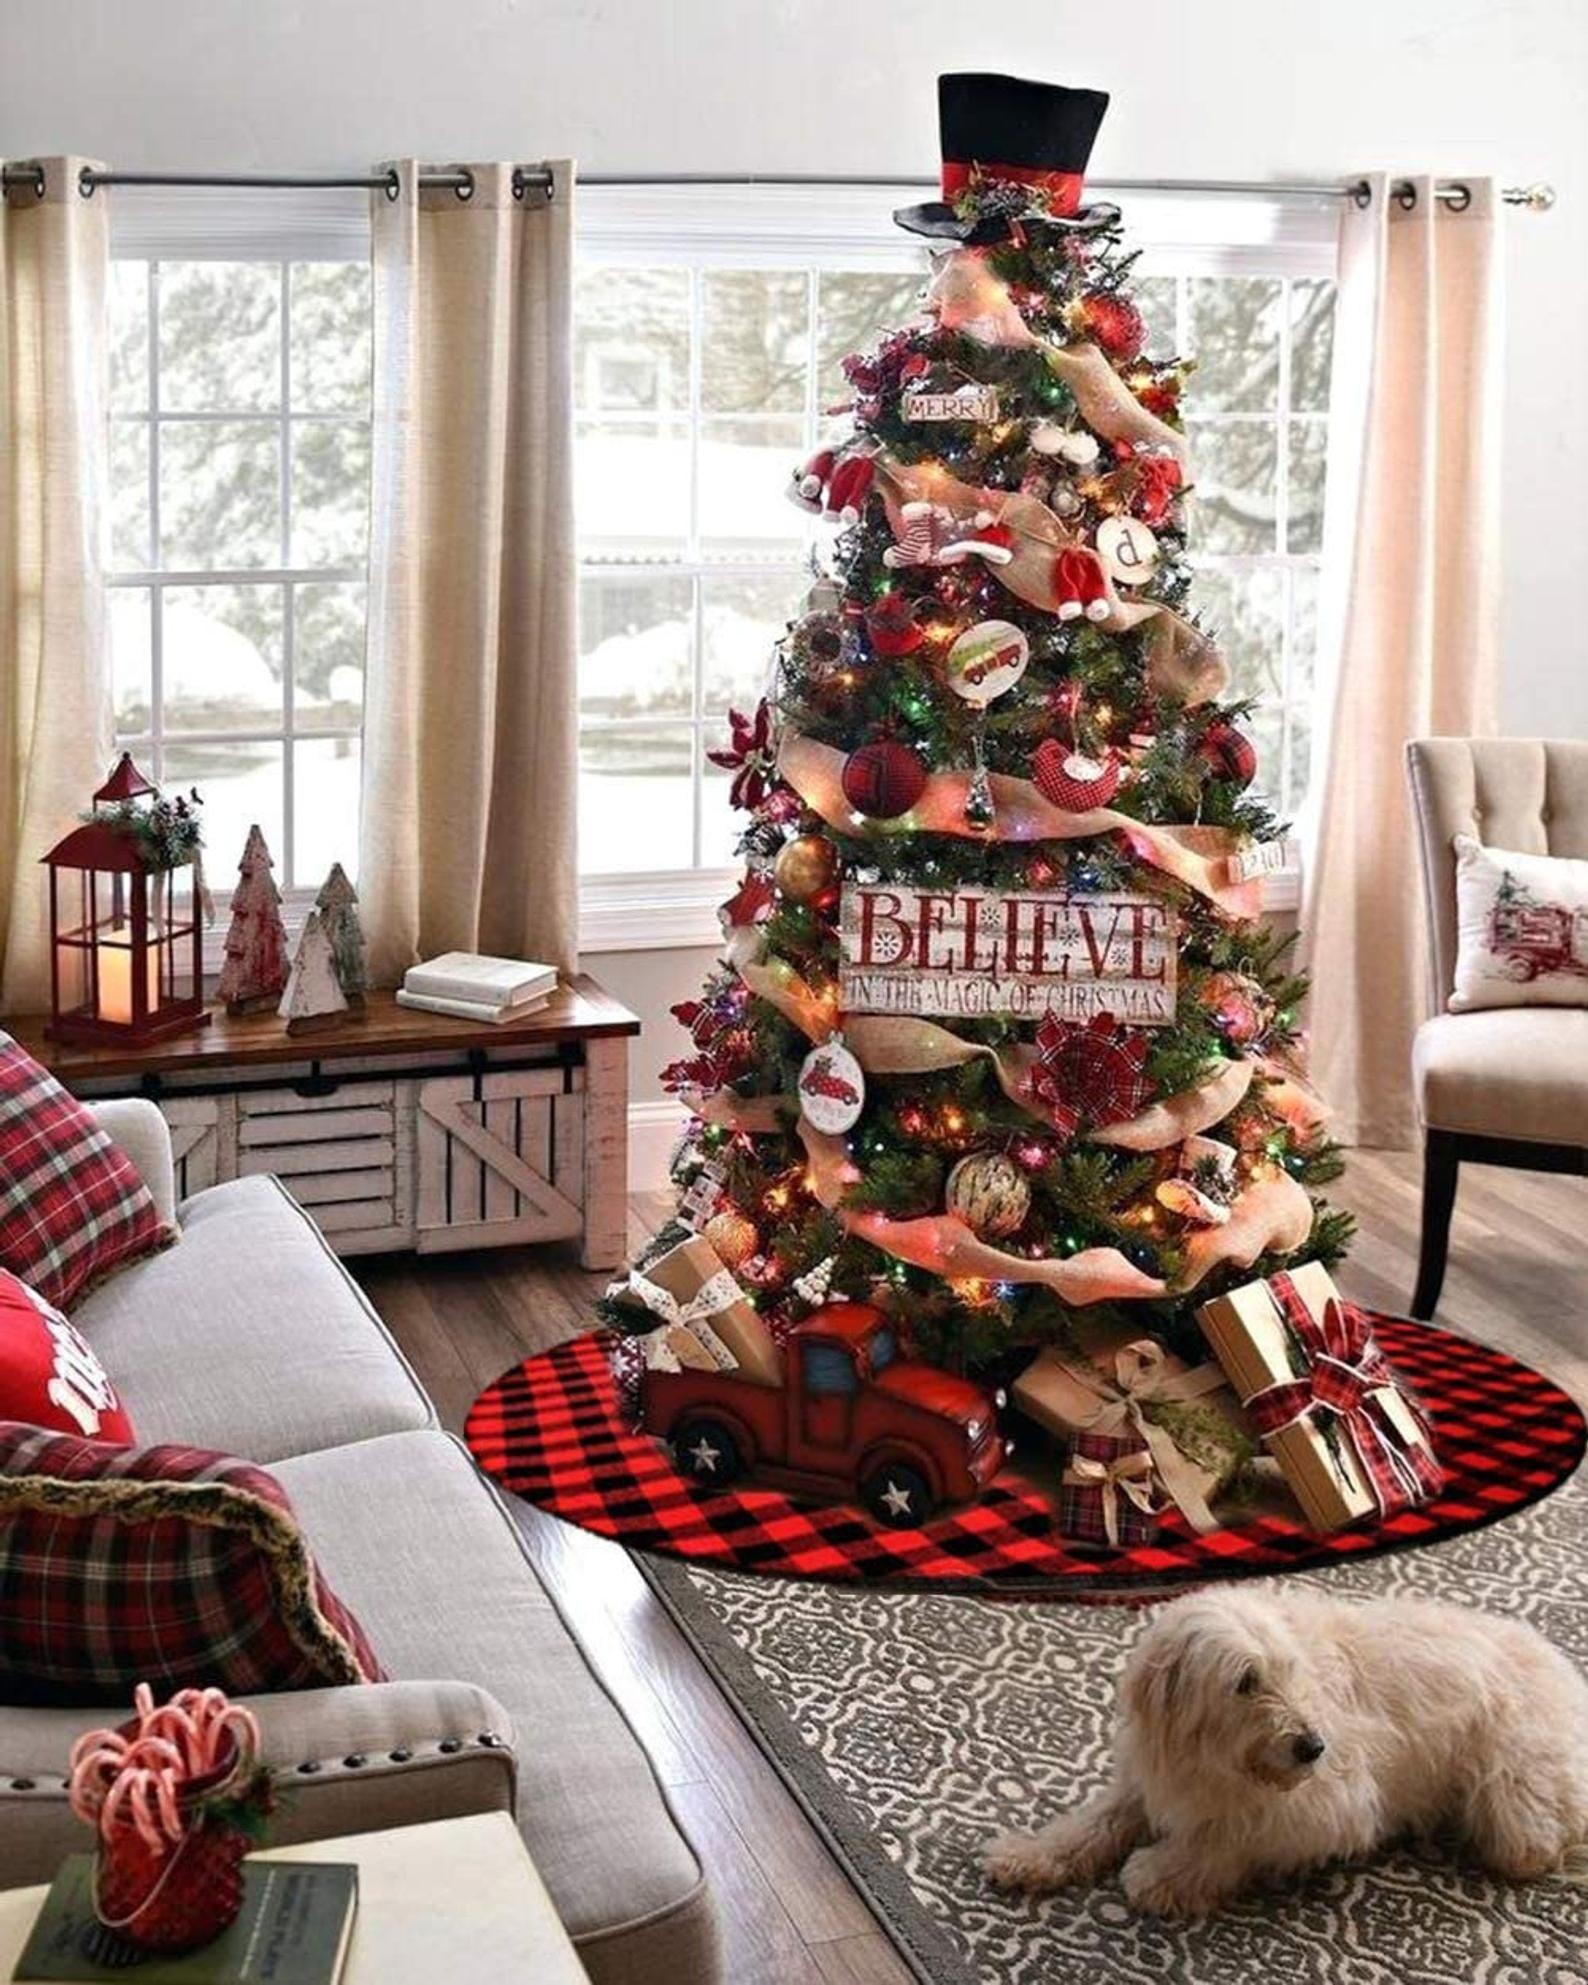 تزیین درخت کریسمس در خانه با وسایل ساده